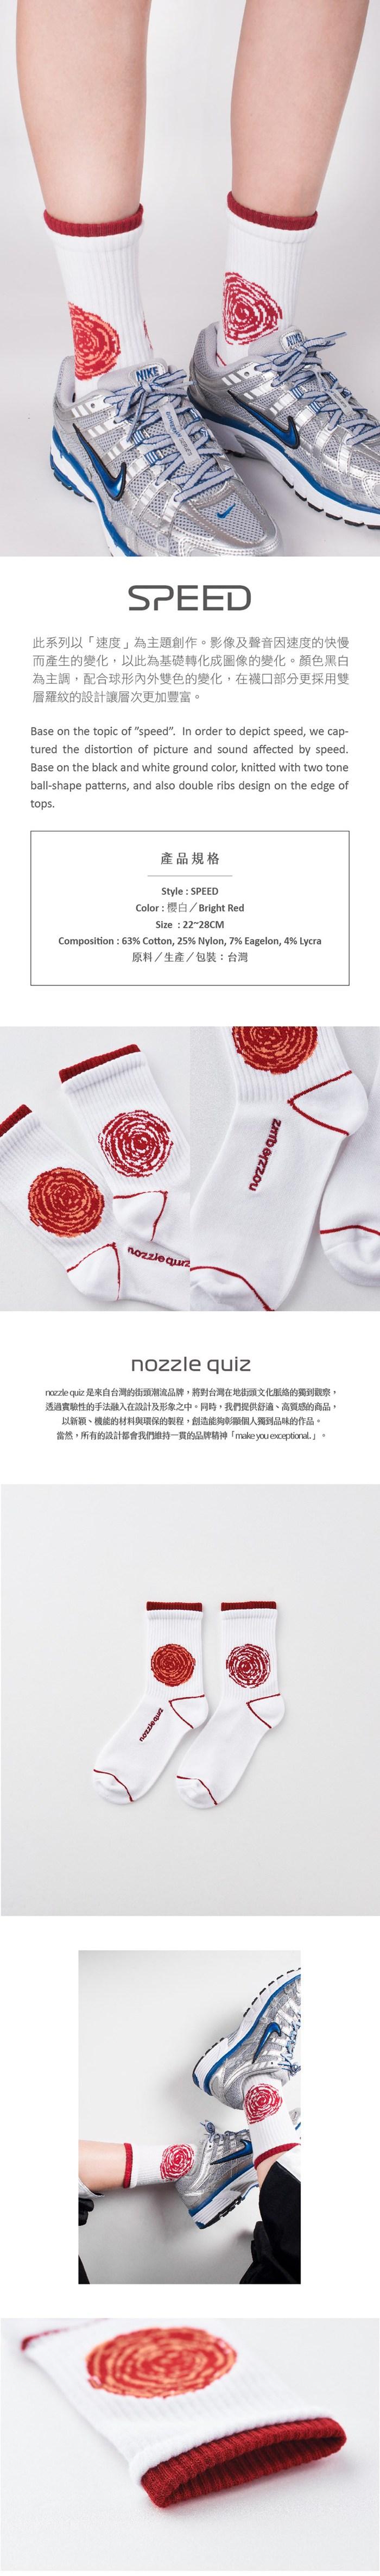 (複製)nozzle quiz│SPEED S2 中筒休閒襪 - 櫻墨